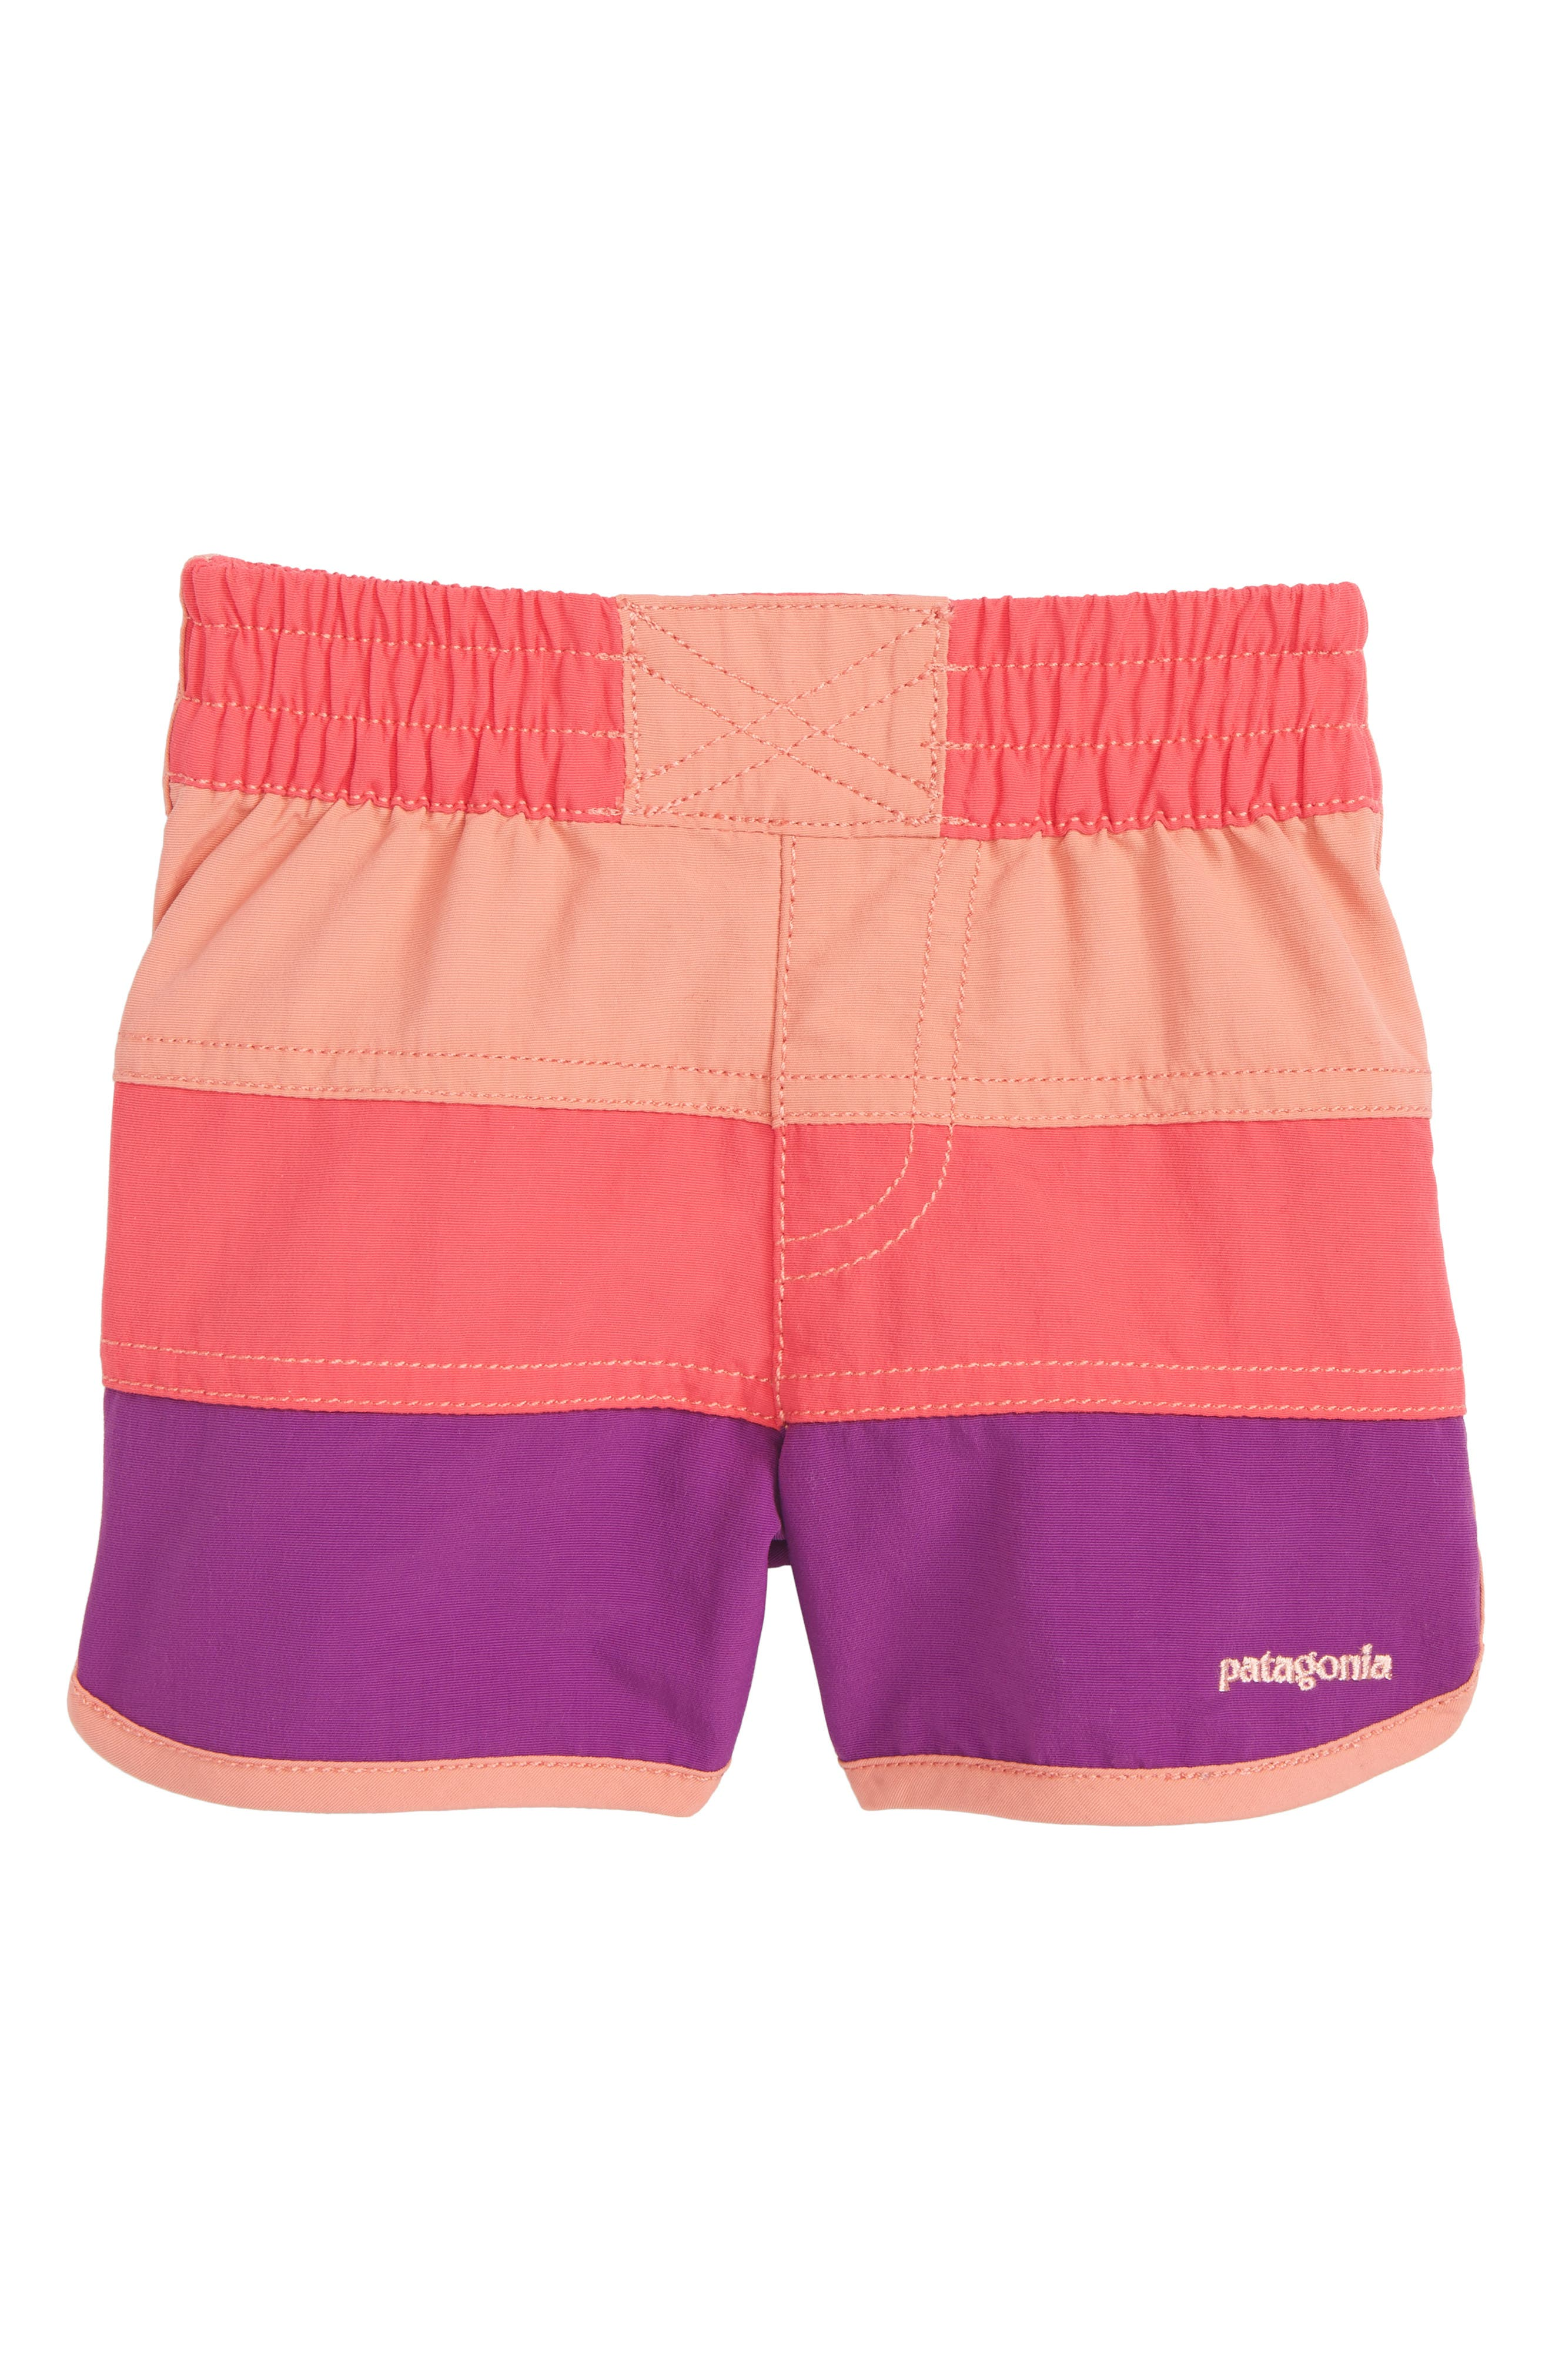 Board Shorts,                             Main thumbnail 1, color,                             Srap Sierra Pink